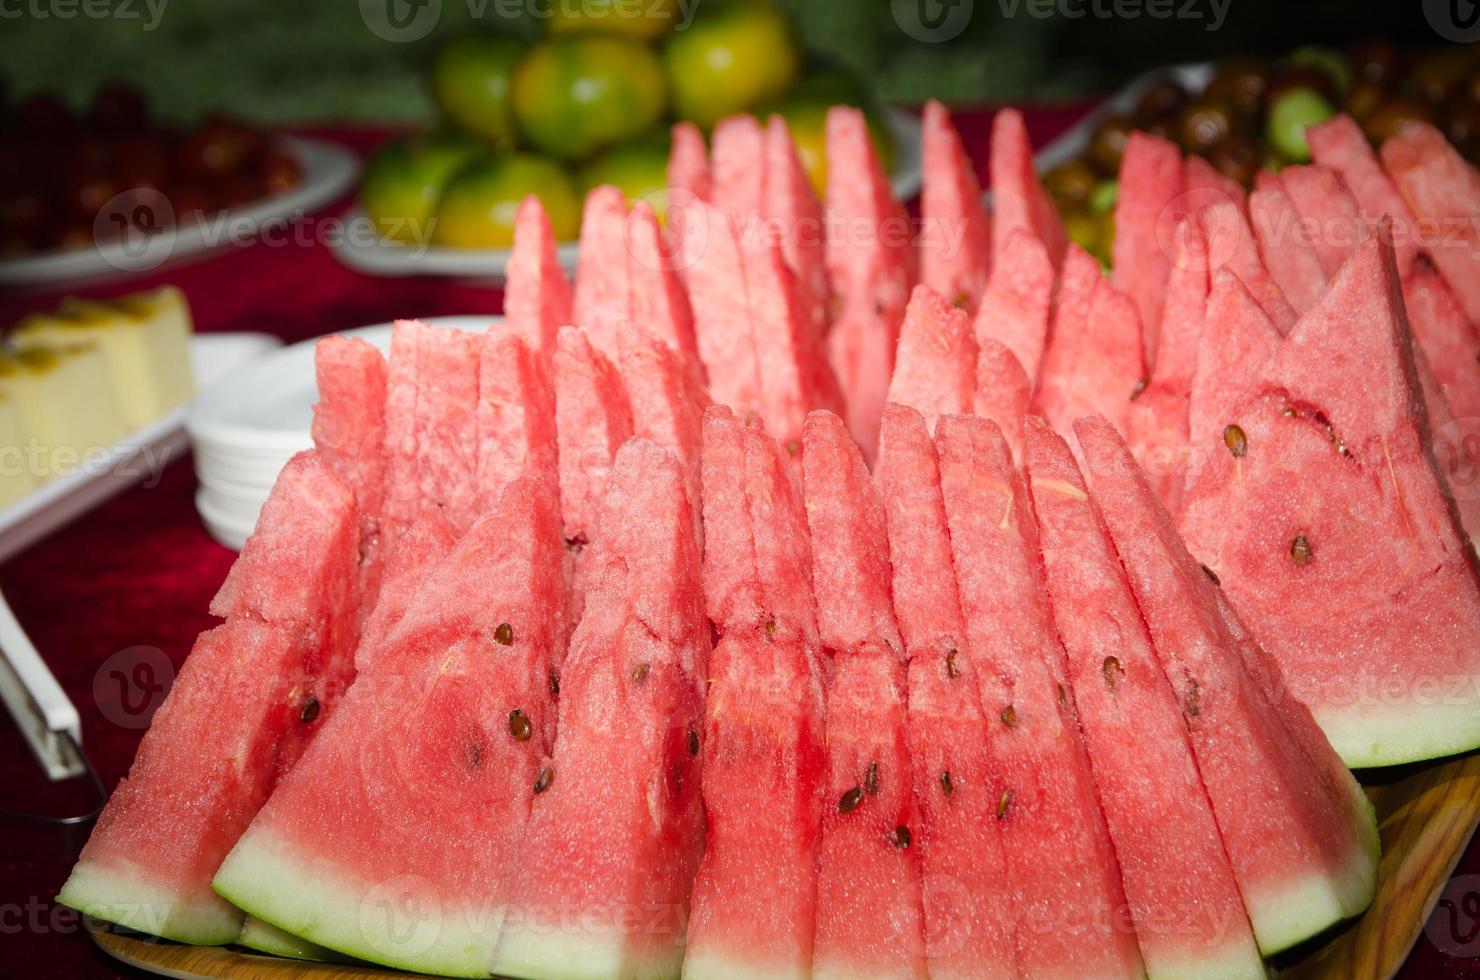 fruta de sandía foto